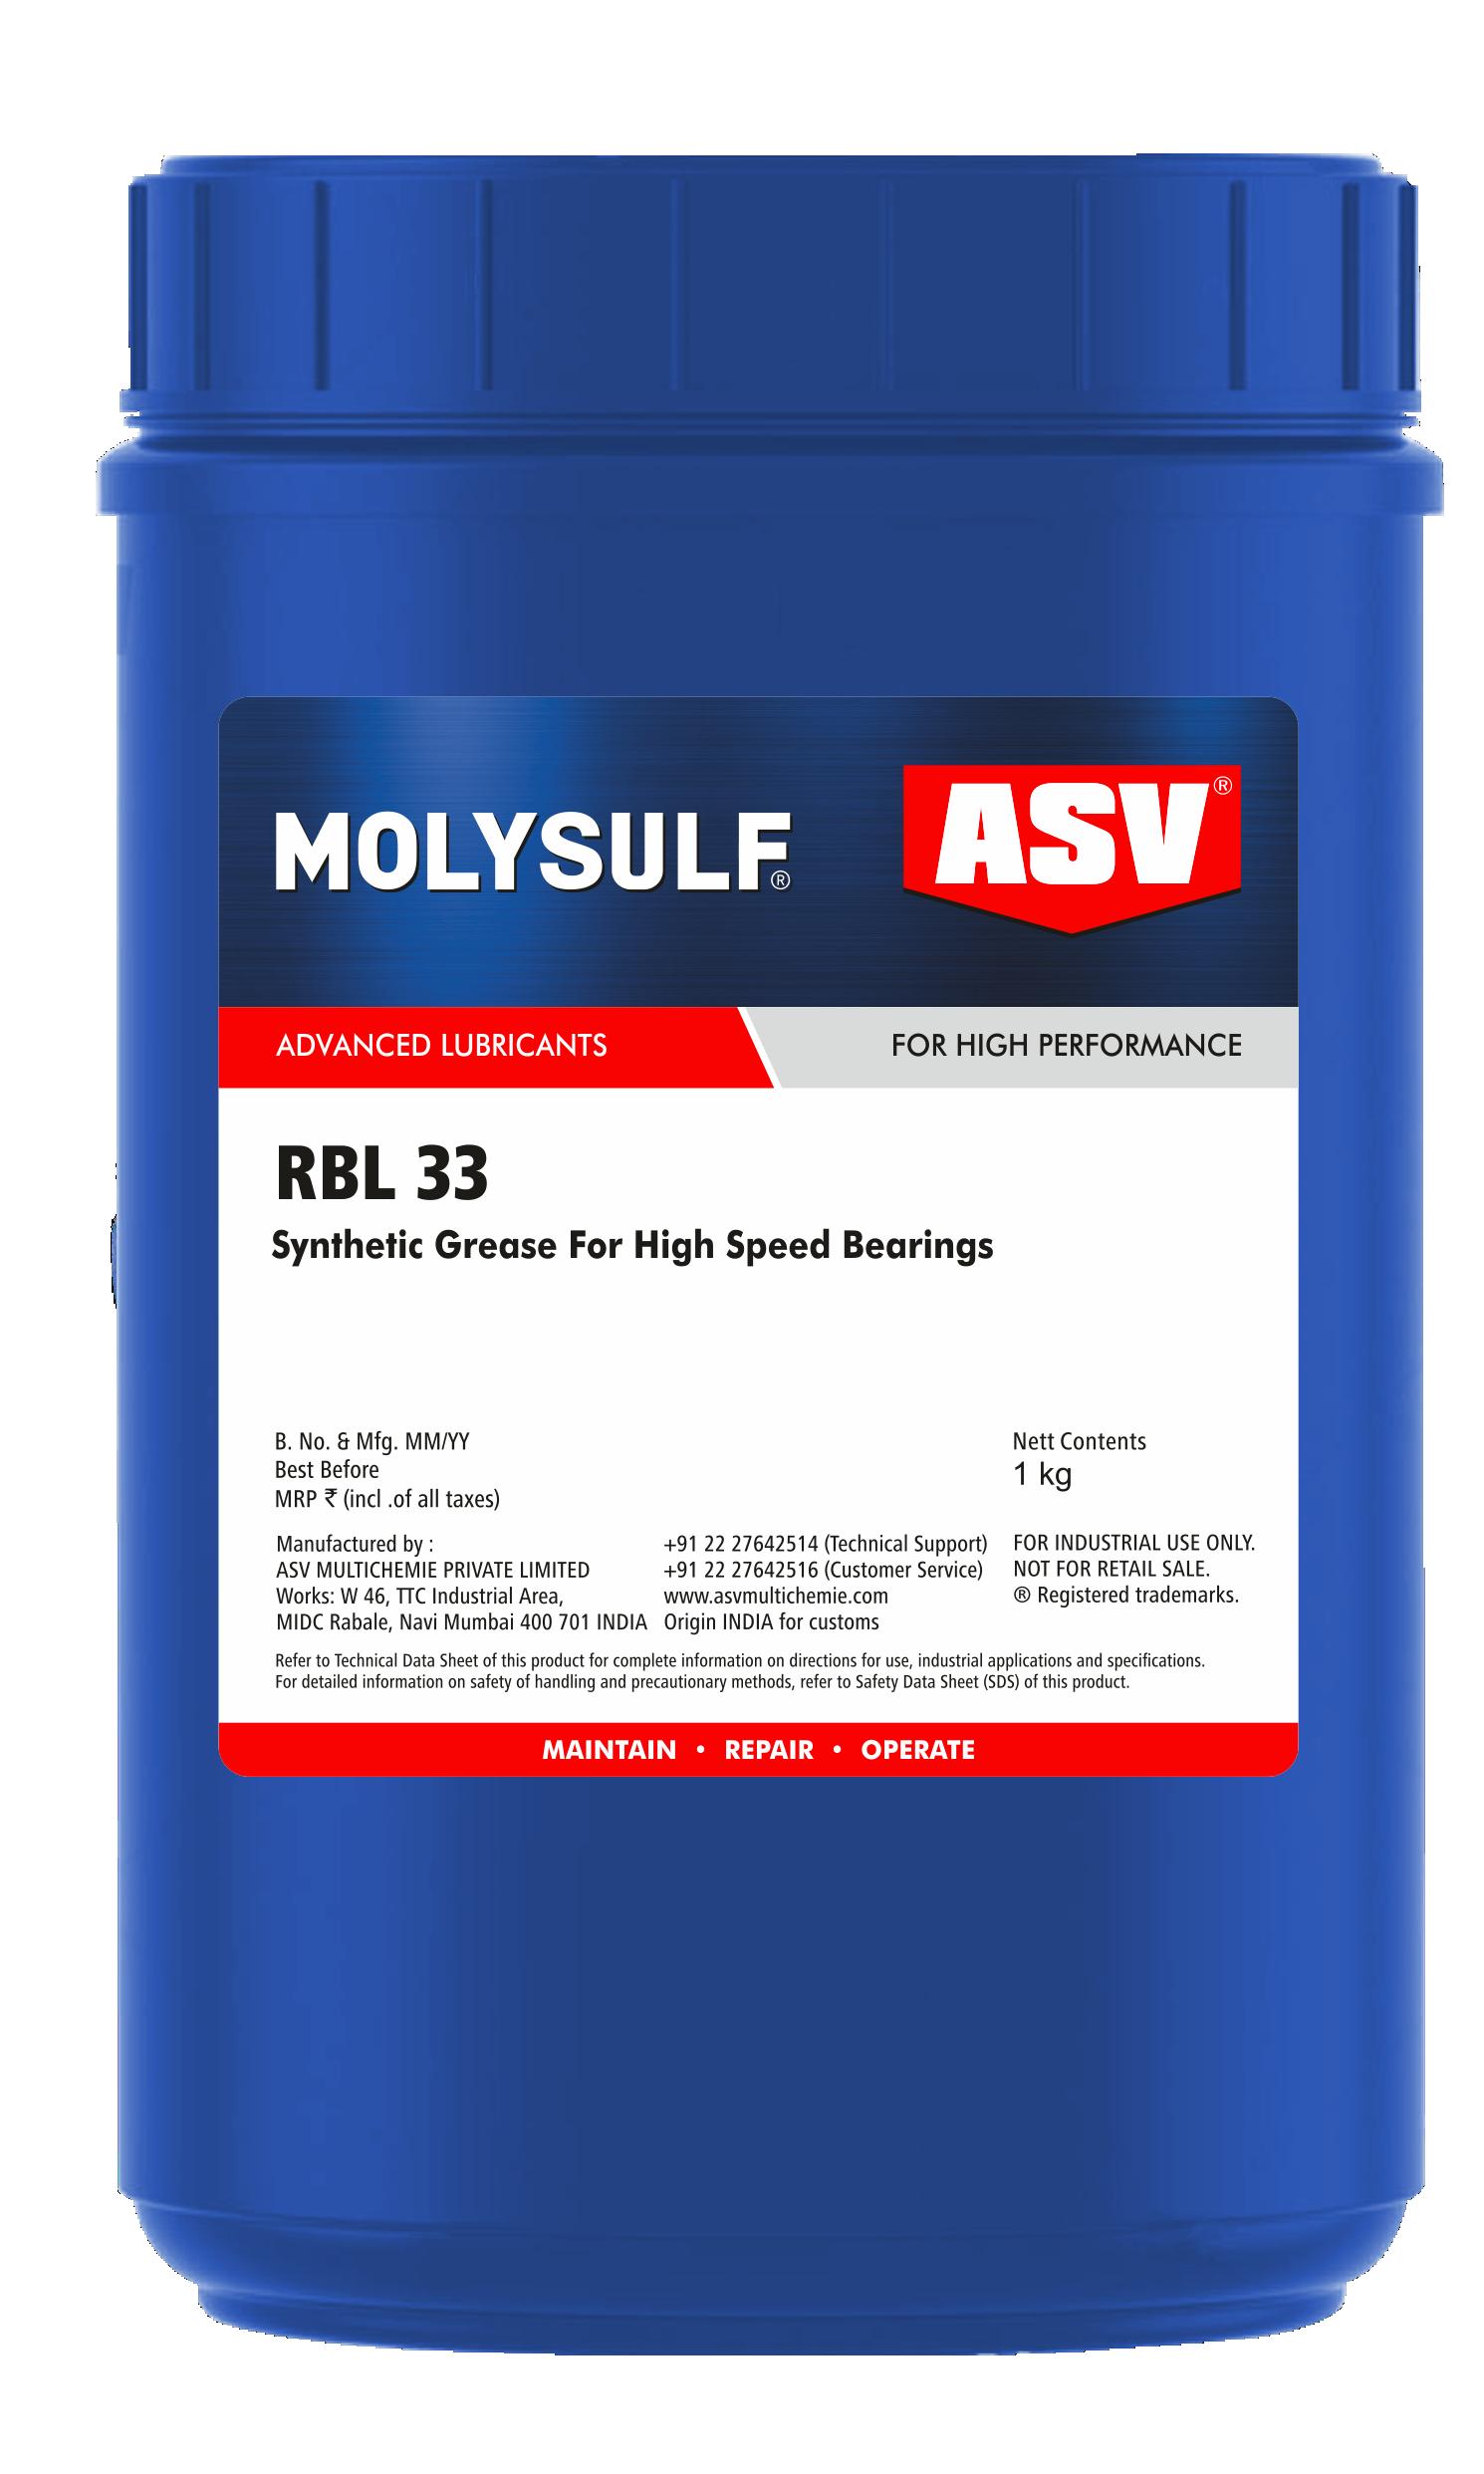 RBL 33